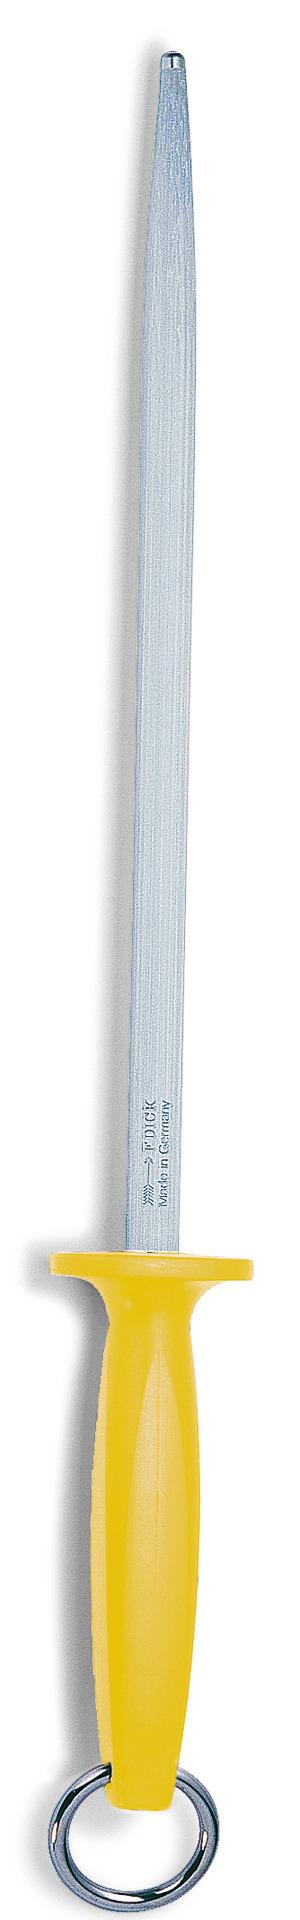 Fleischerwetzstahl rund Klingenlänge 300 mm Standardzug / gelber Griff